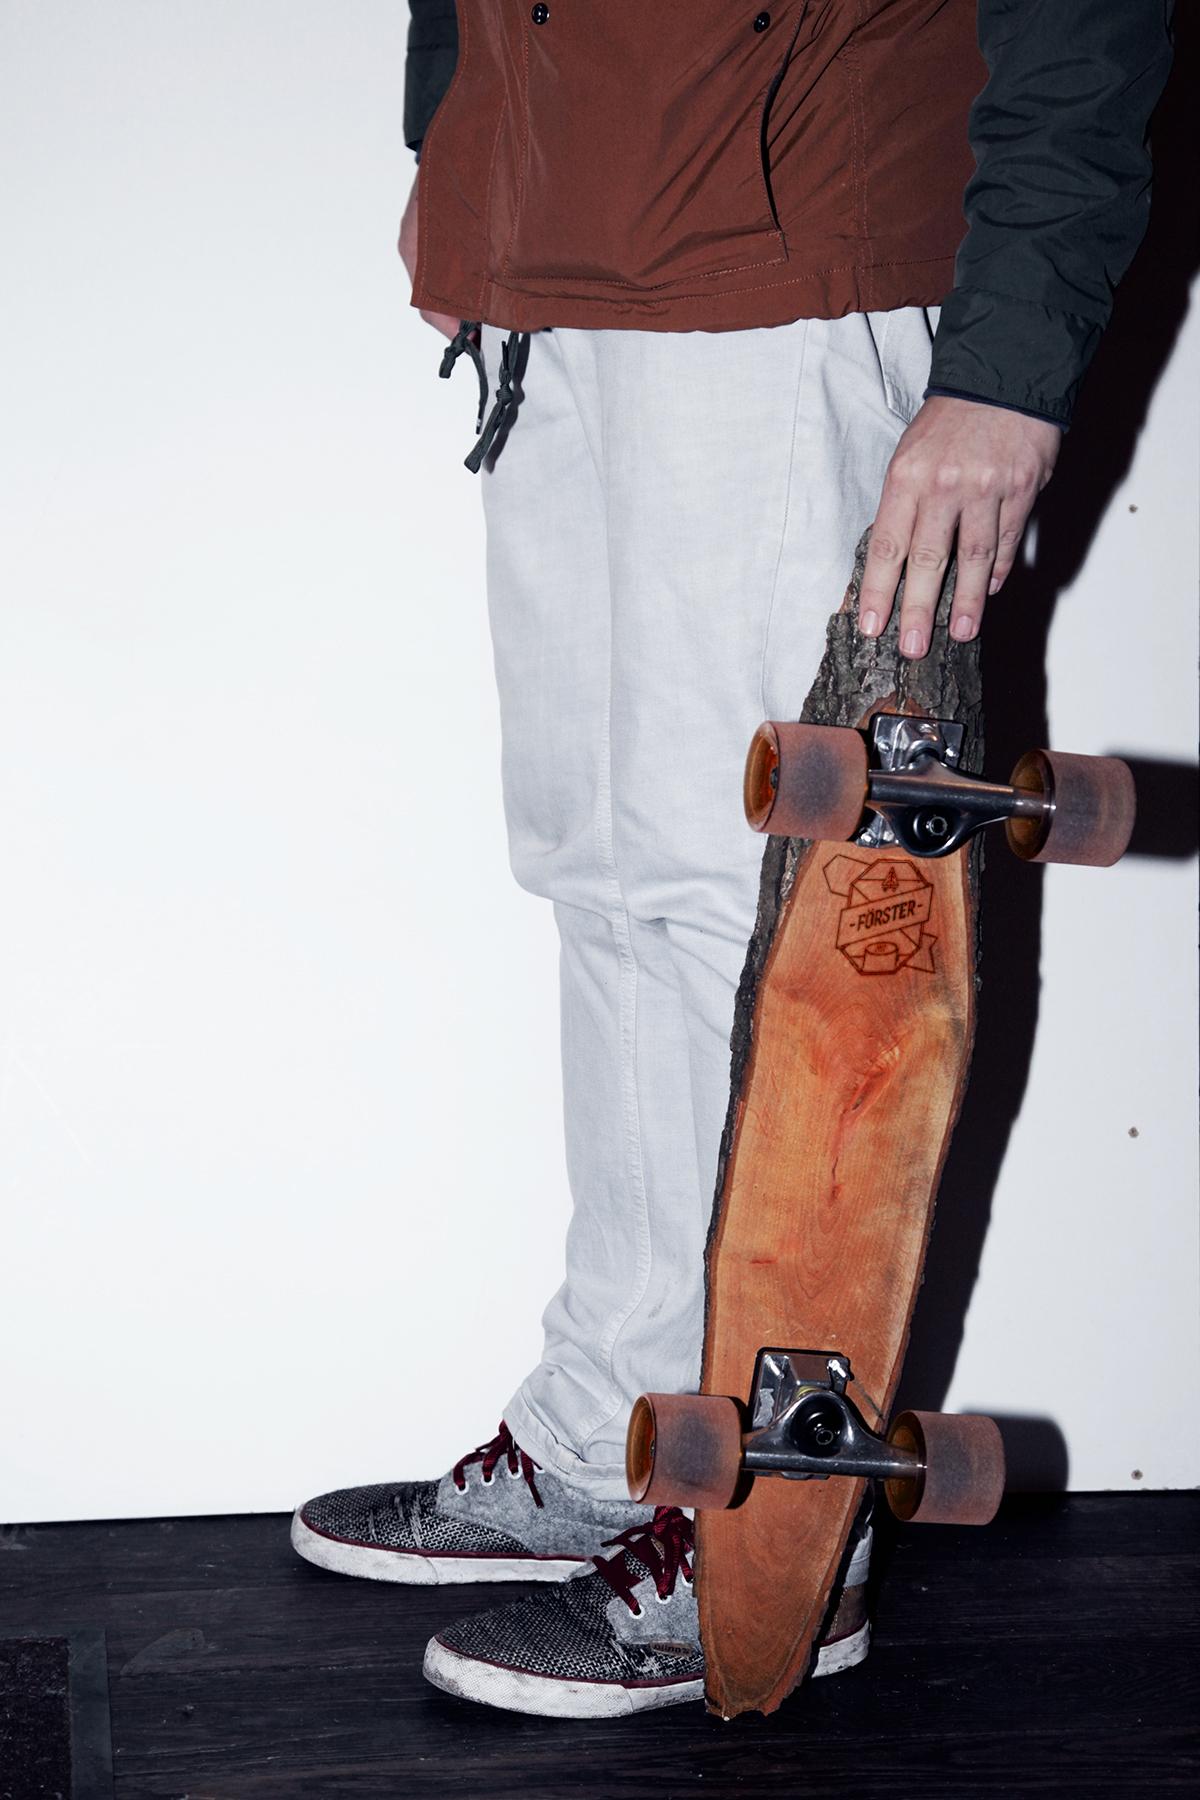 Förster Skateboard_2